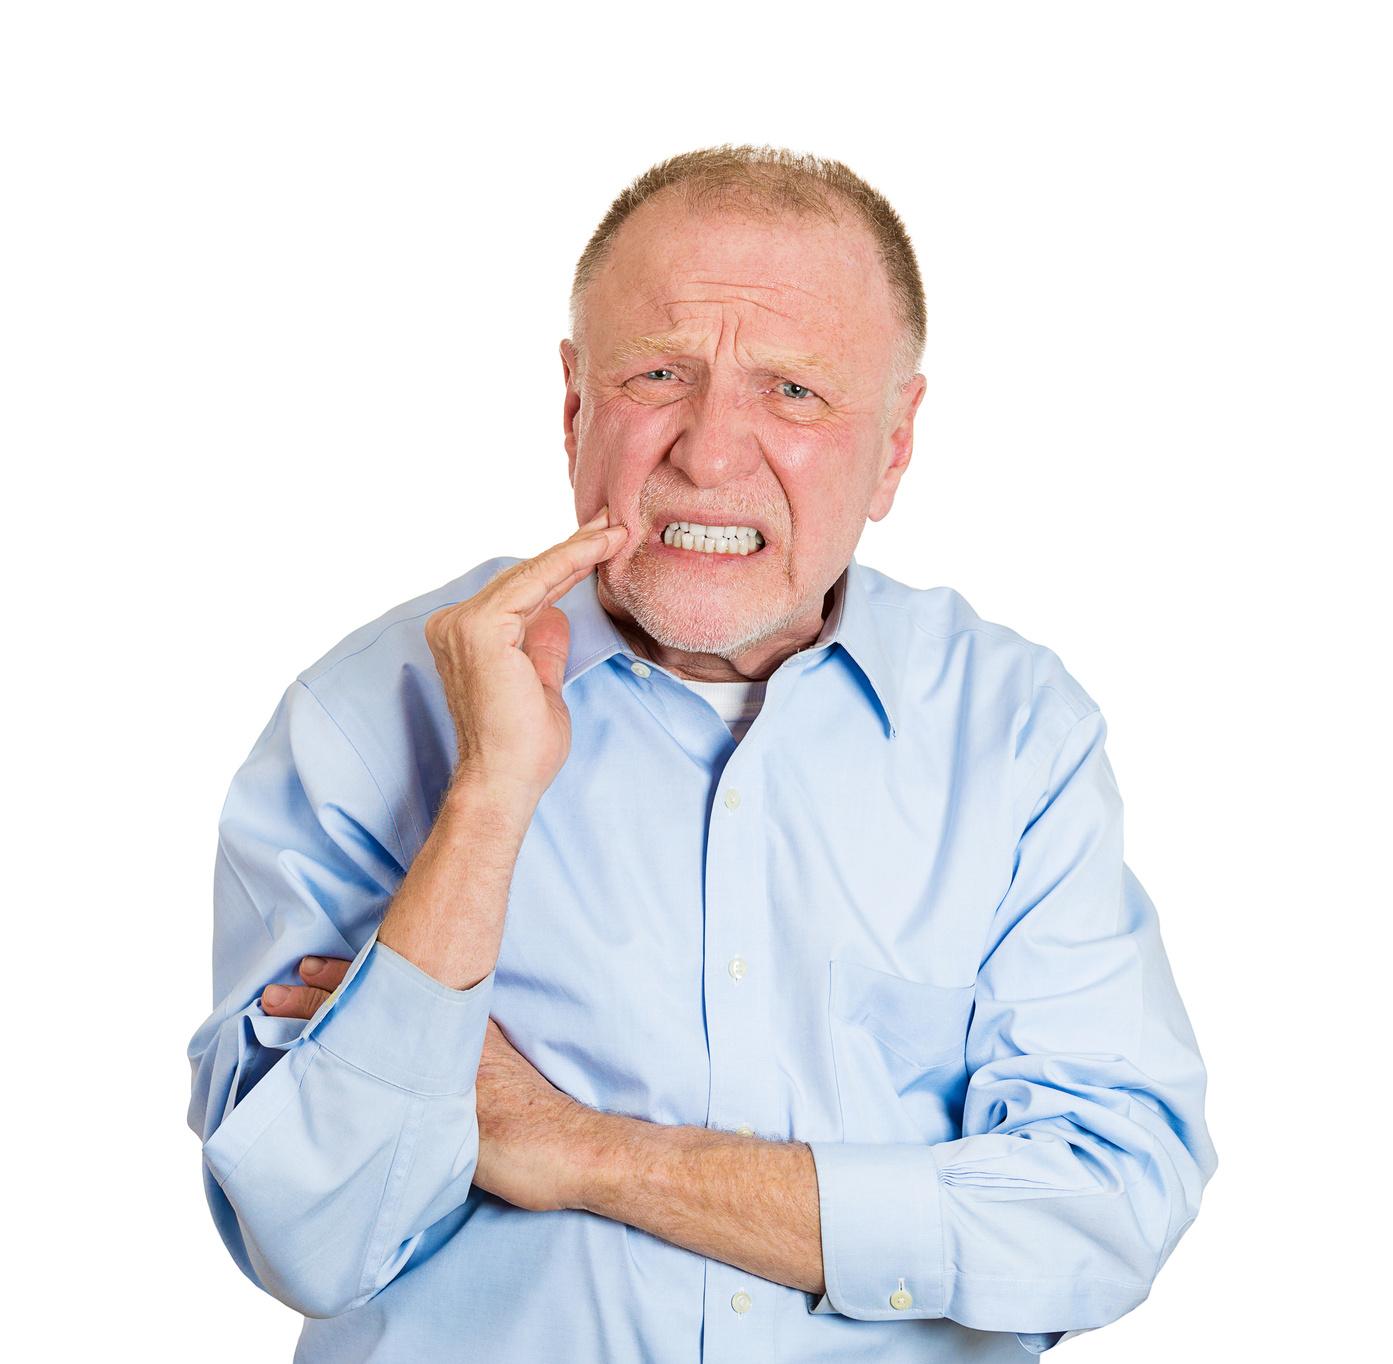 口腔がんって、口の中にもがんってできるの?